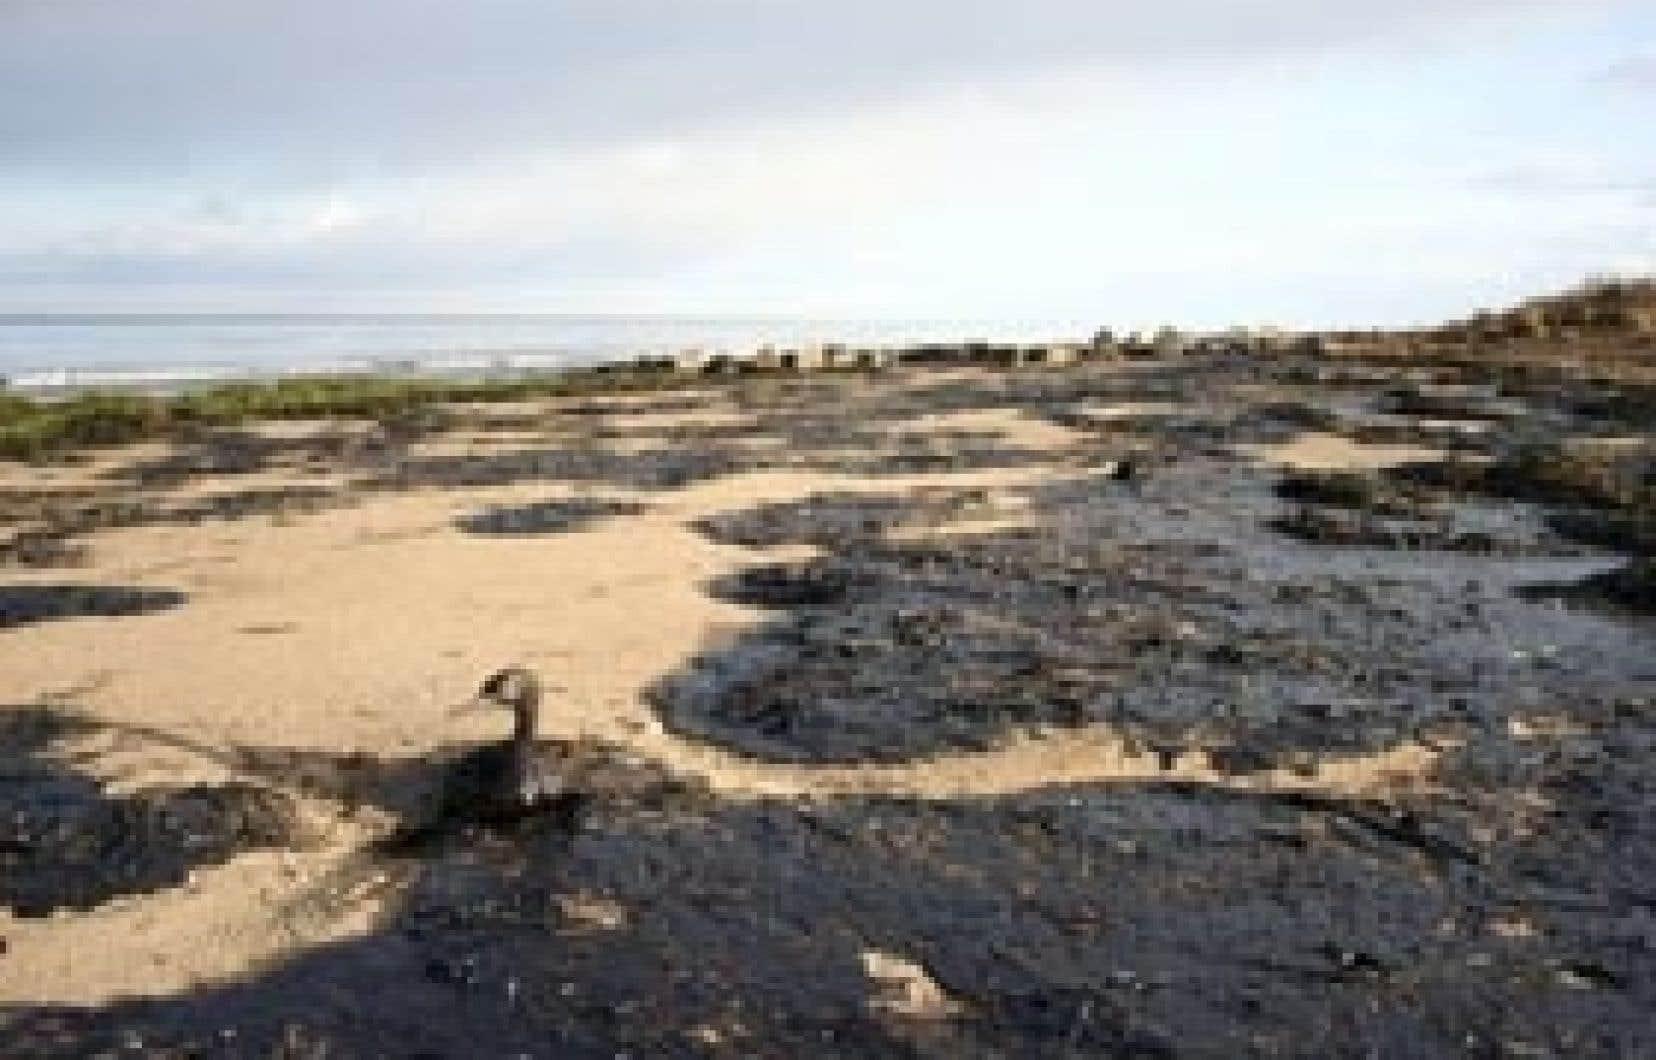 Cette marée noire pourrait être le pire événement du genre survenu en Russie au cours des dernières années.